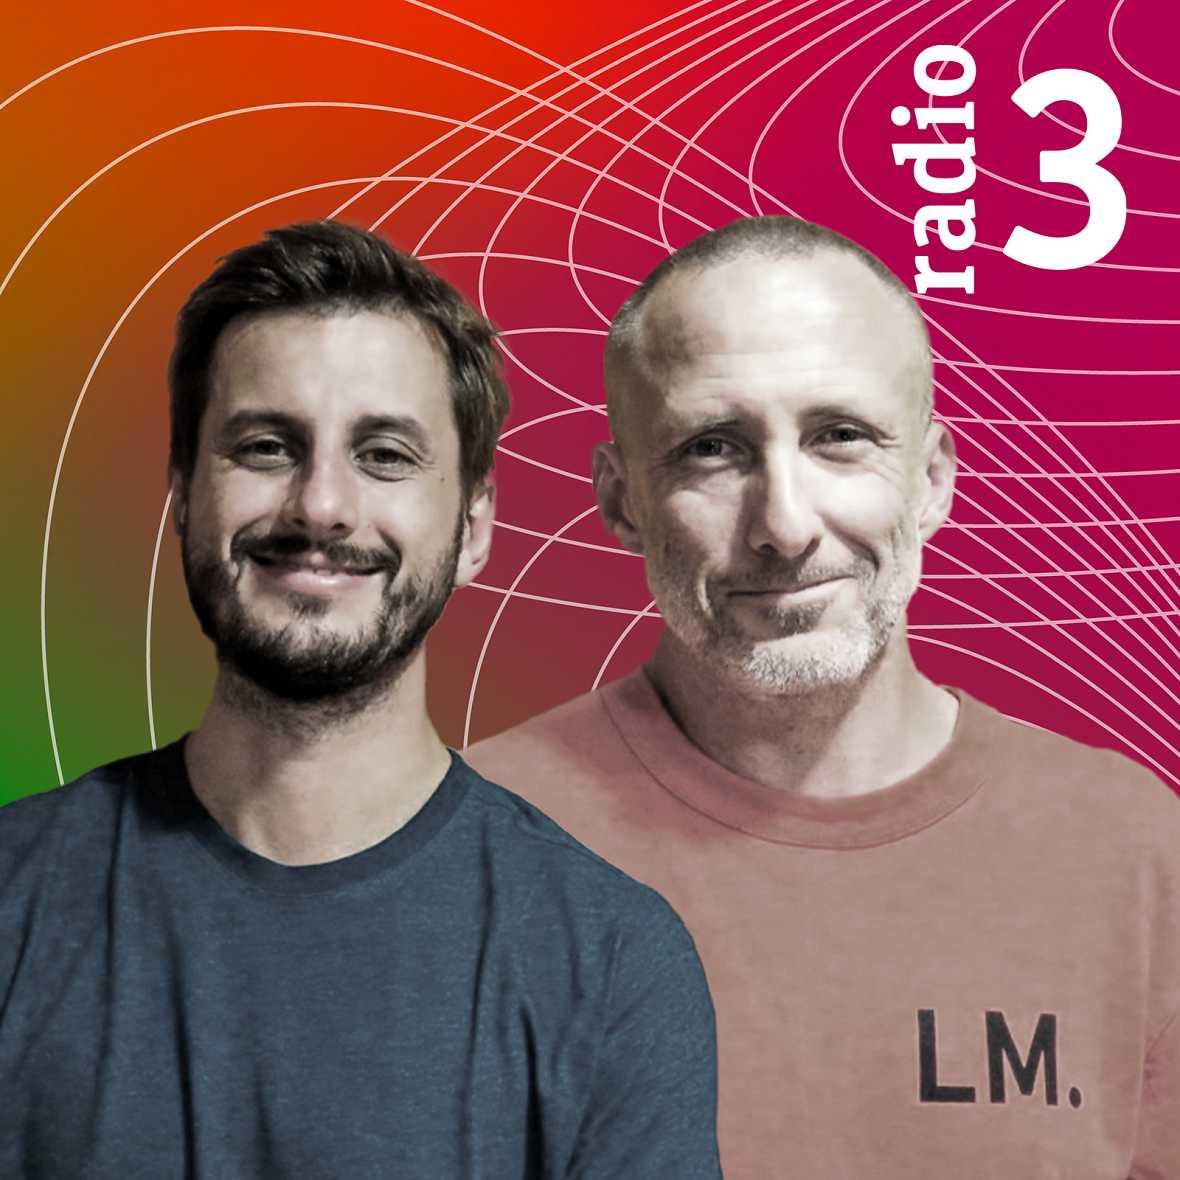 Lapsus - #102, Más Novedades Discográficas - 22/10/16 - escuchar ahora